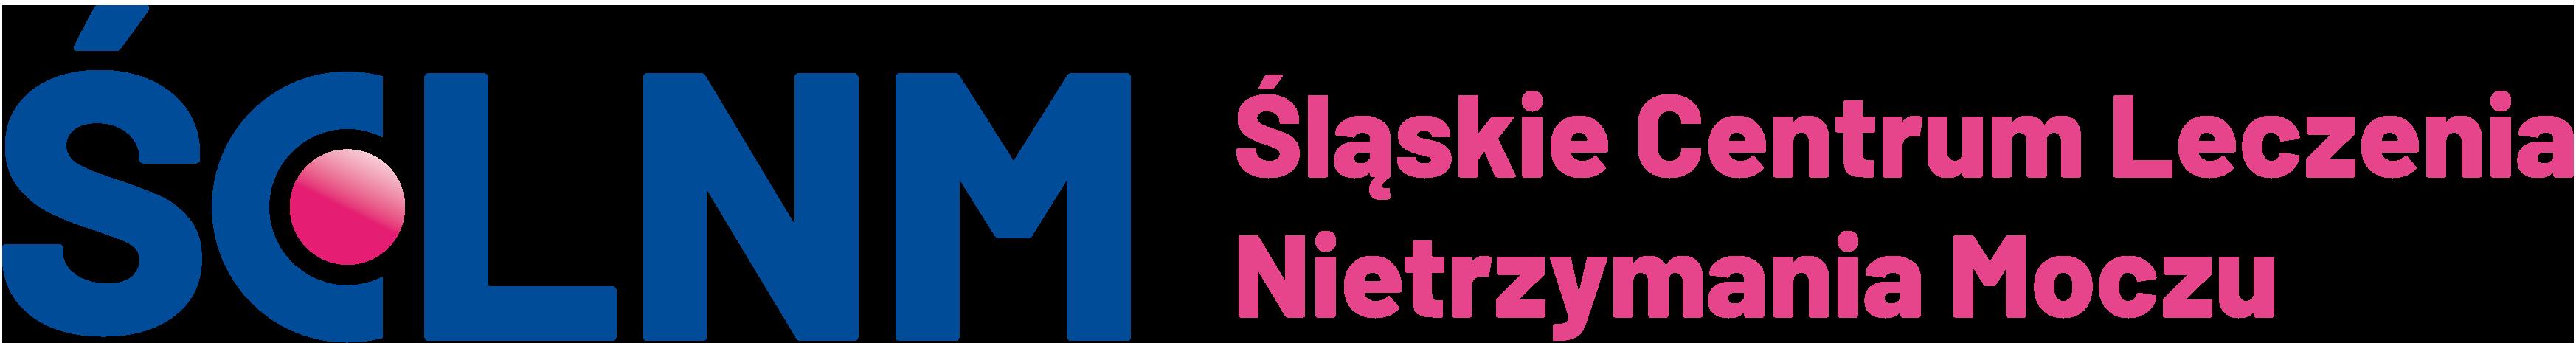 Leczenie Nietrzymania Moczu w Katowicach